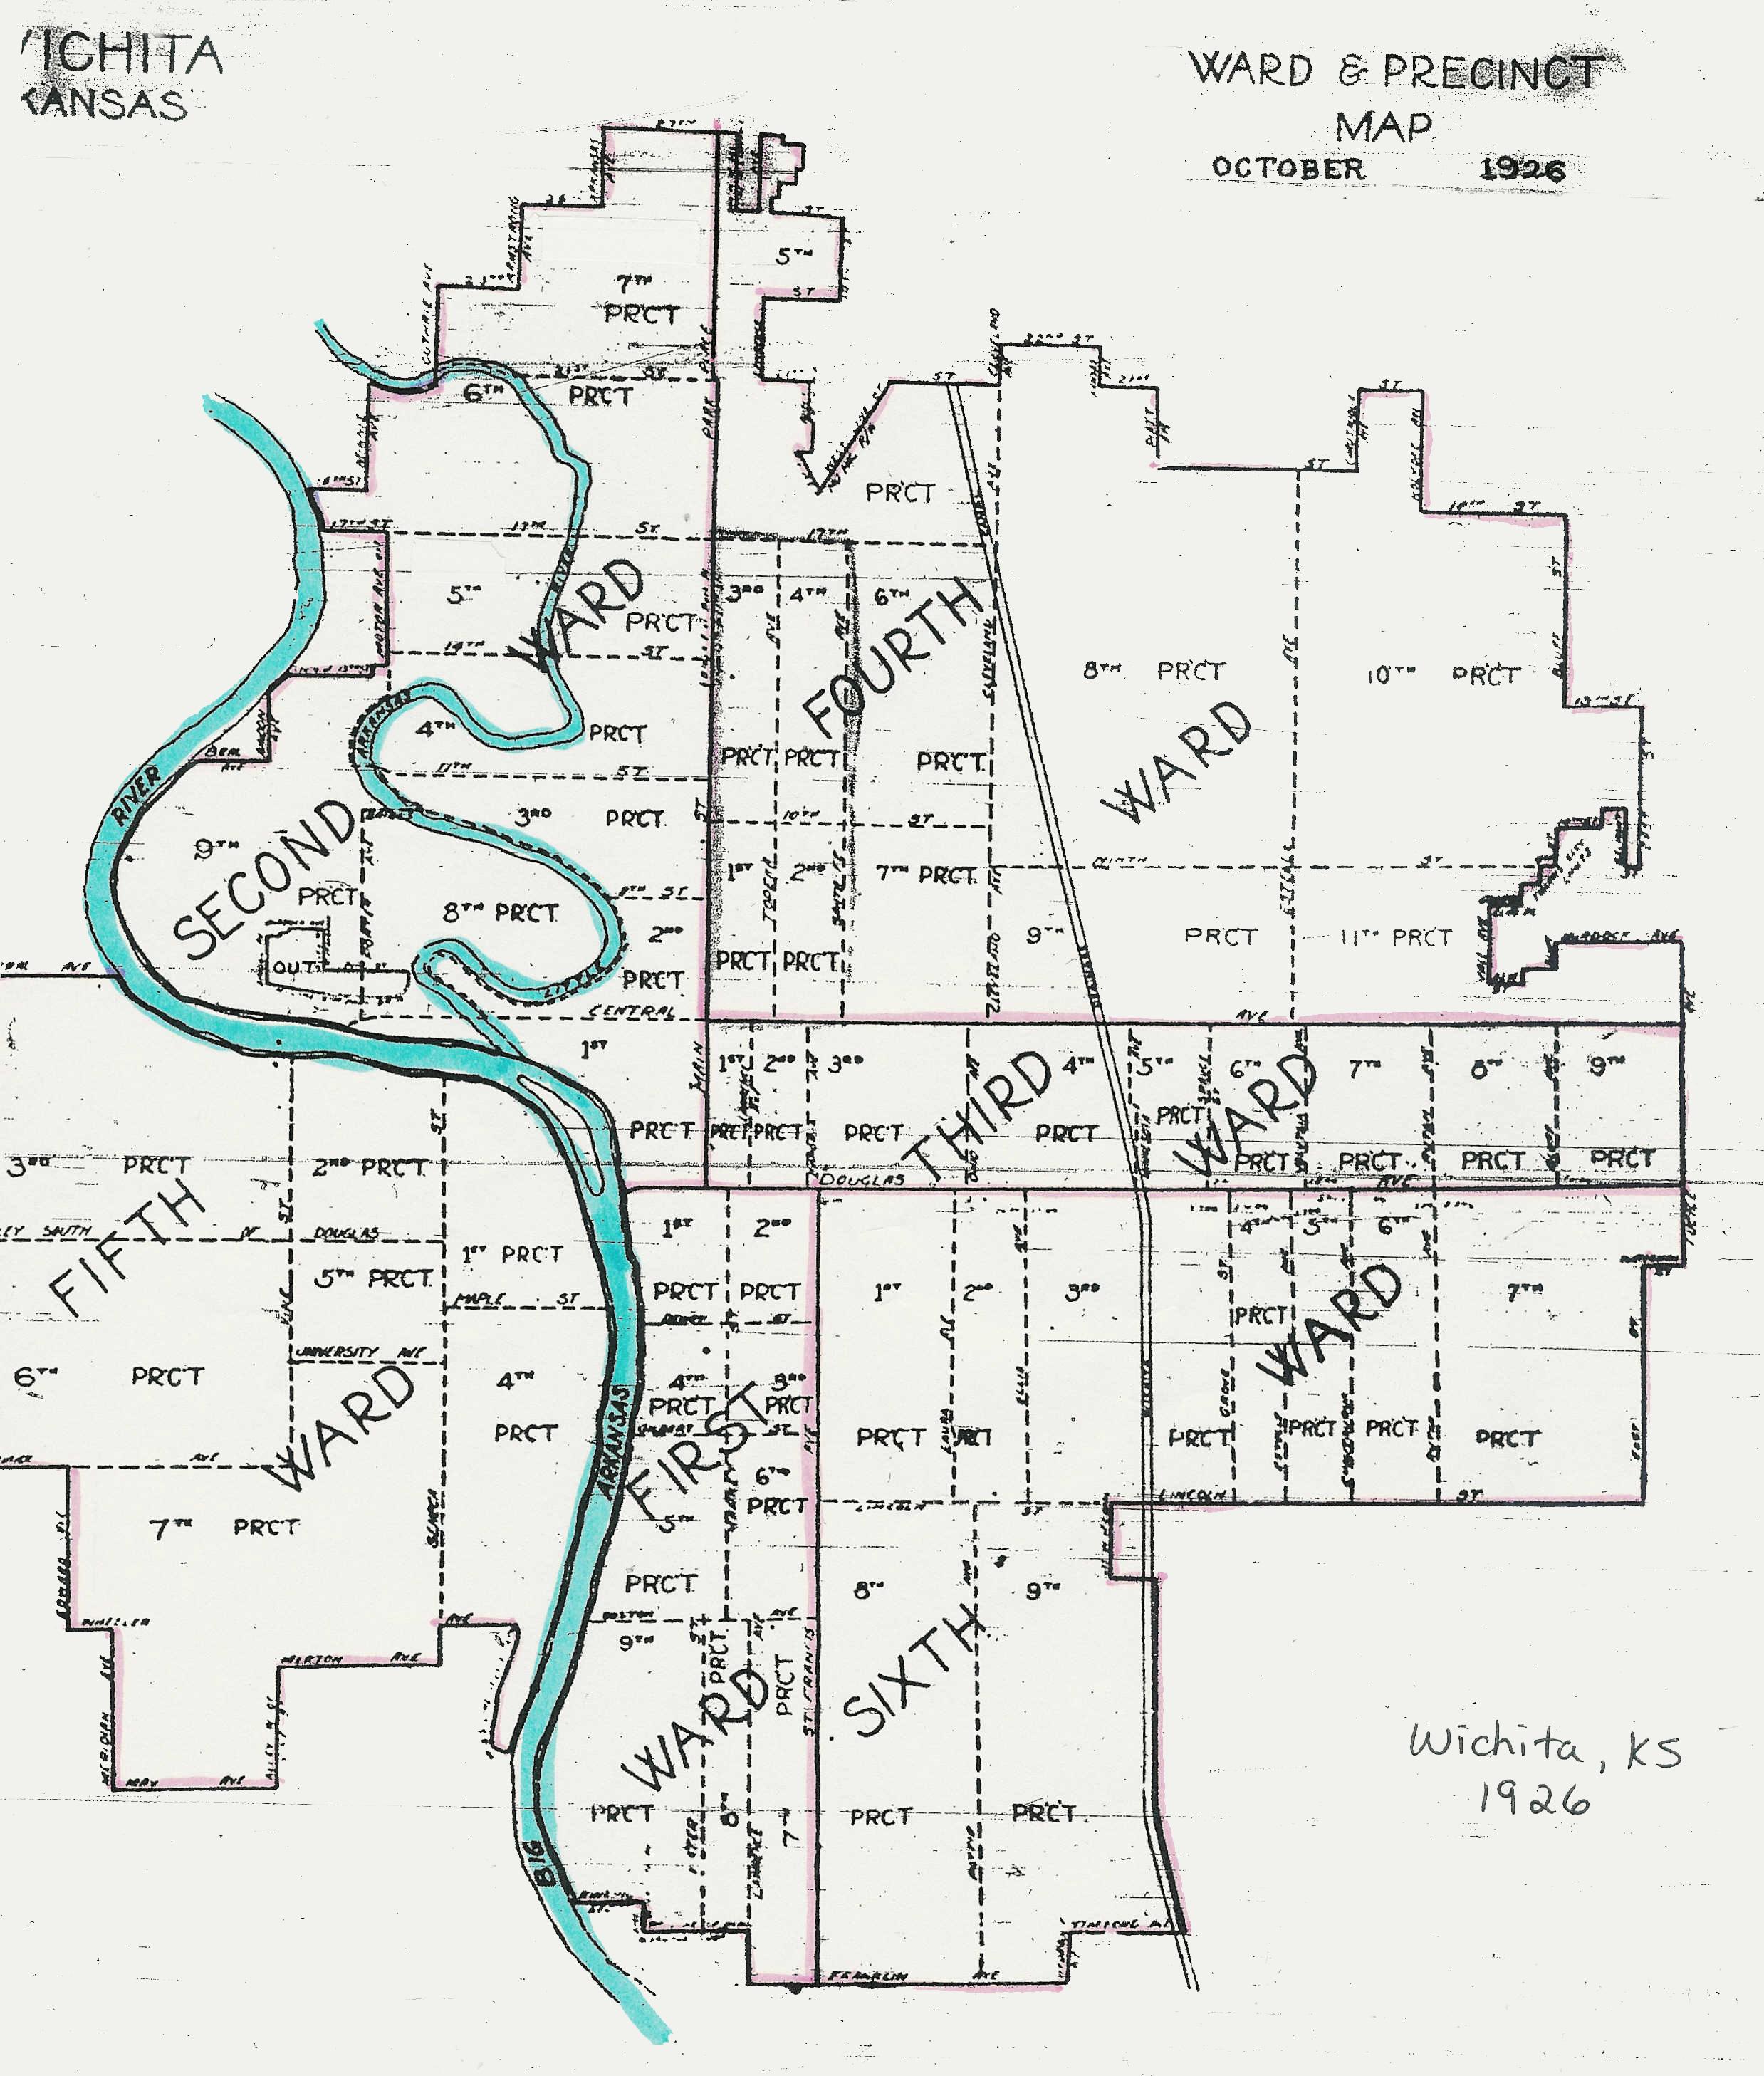 Wichita Ward Map 1926